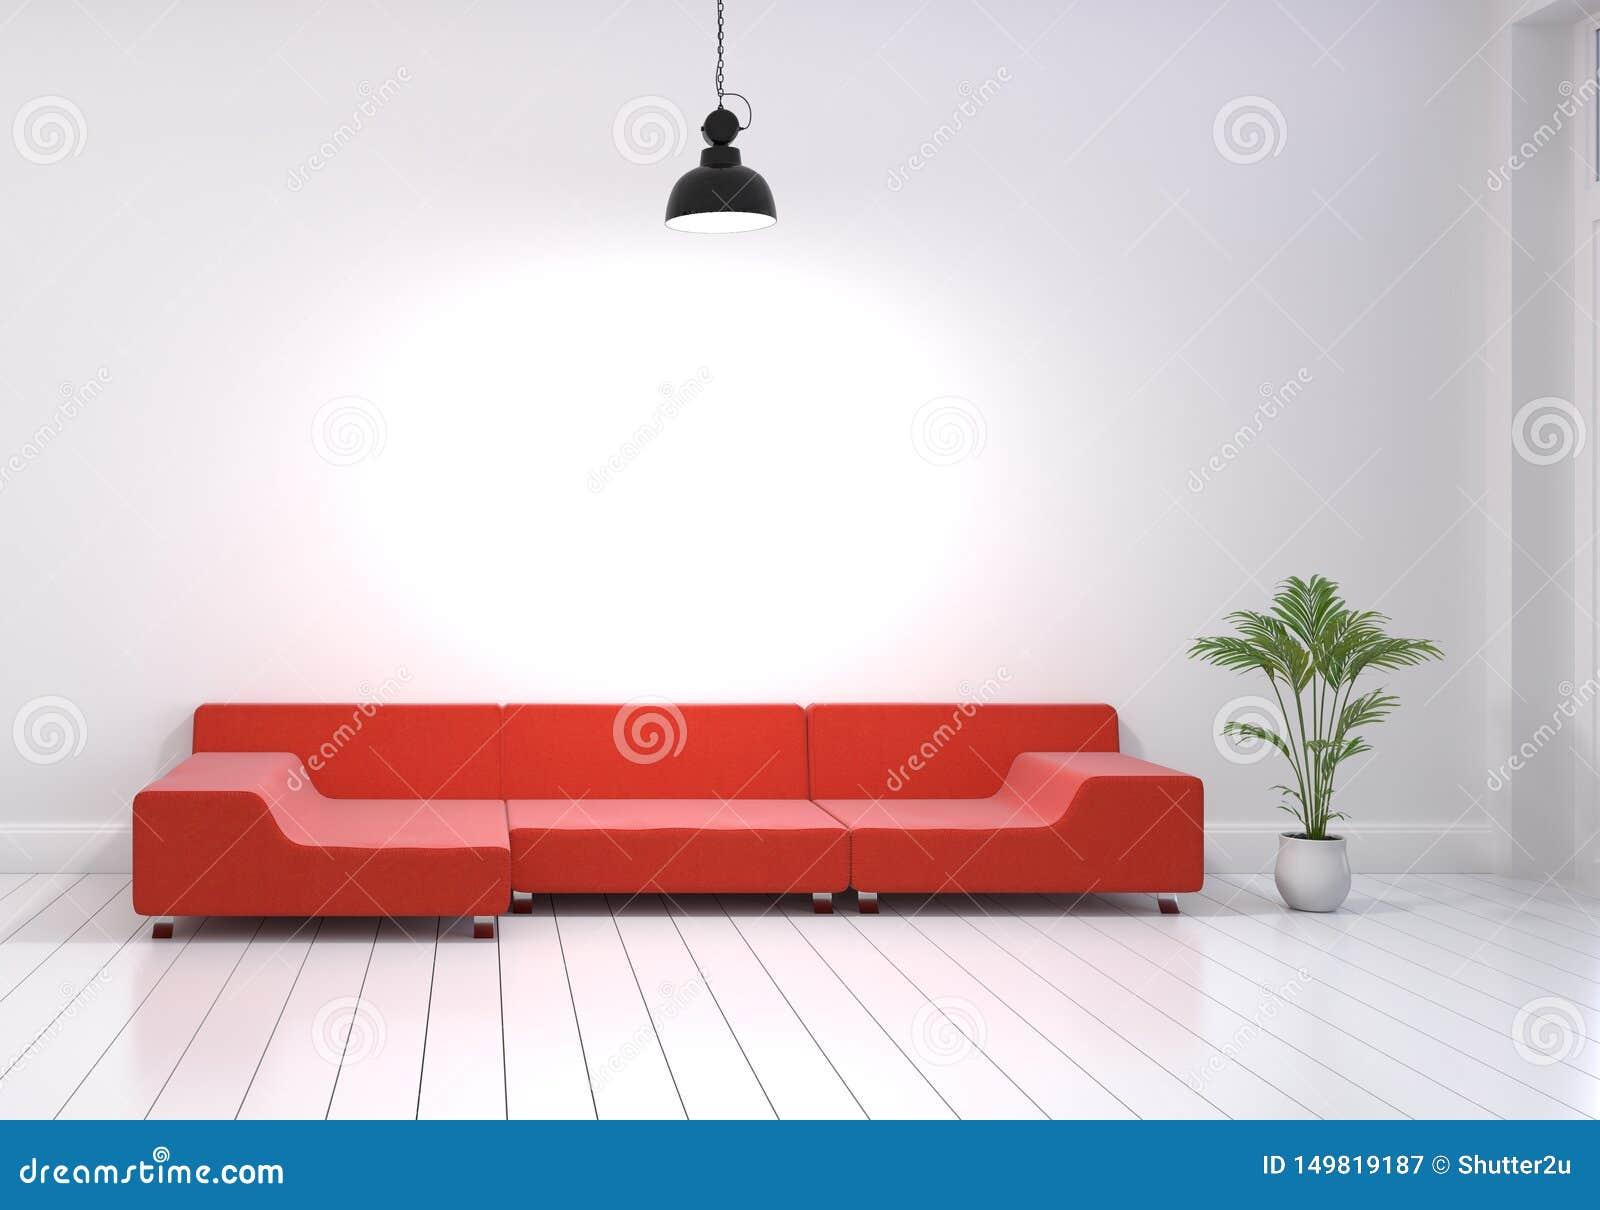 Σύγχρονο εσωτερικό σχέδιο του καθιστικού με το κόκκινο δοχείο καναπέδων και εγκαταστάσεων στο άσπρο στιλπνό ξύλινο πάτωμα Ανοίξτε